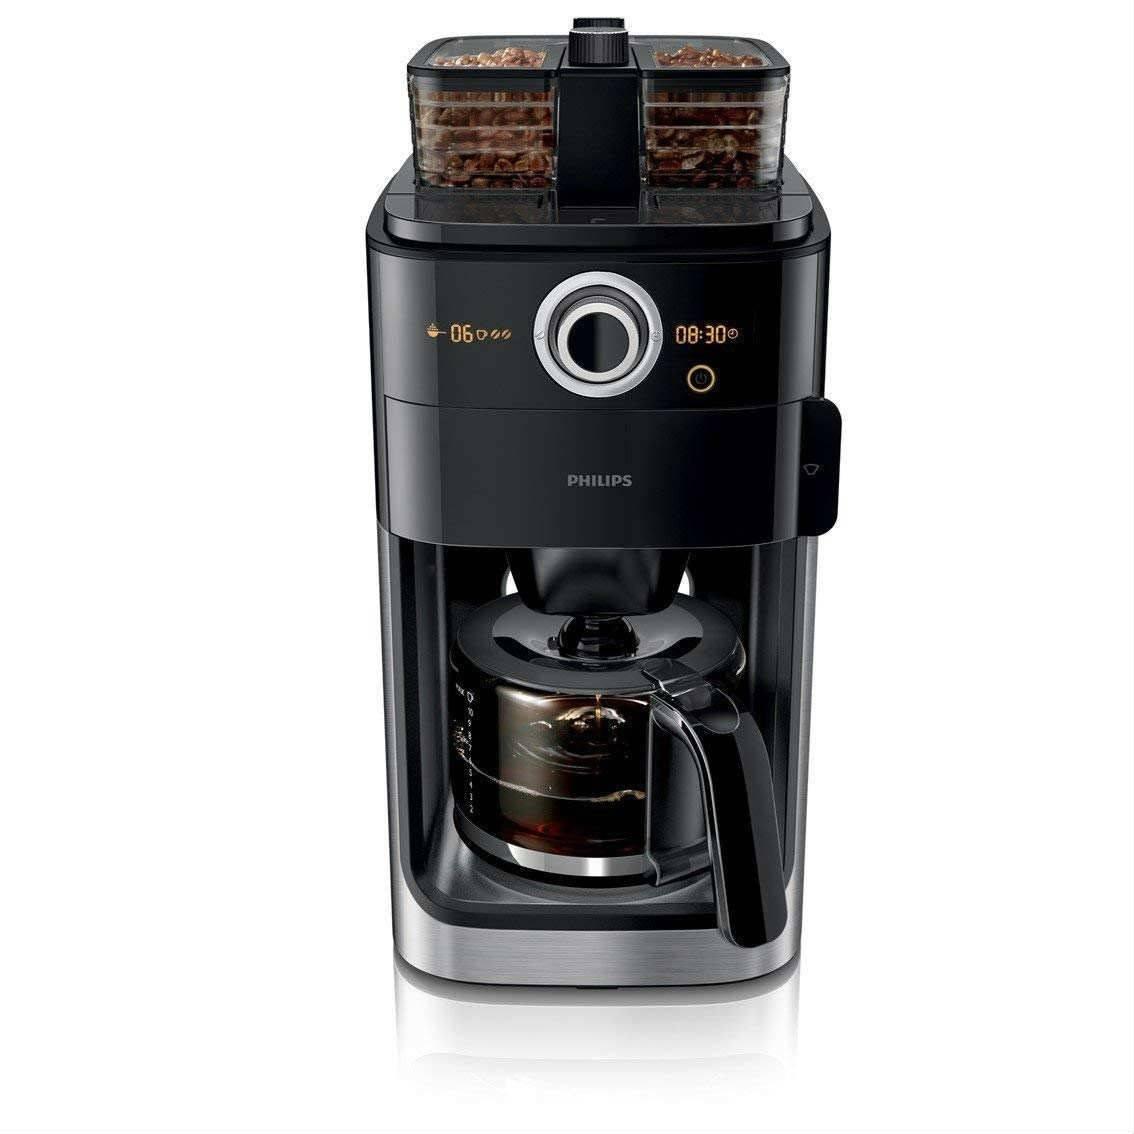 Топ 10 кофемашин с автоматическим капучинатором 2020-2021: рейтинг лучших для дома